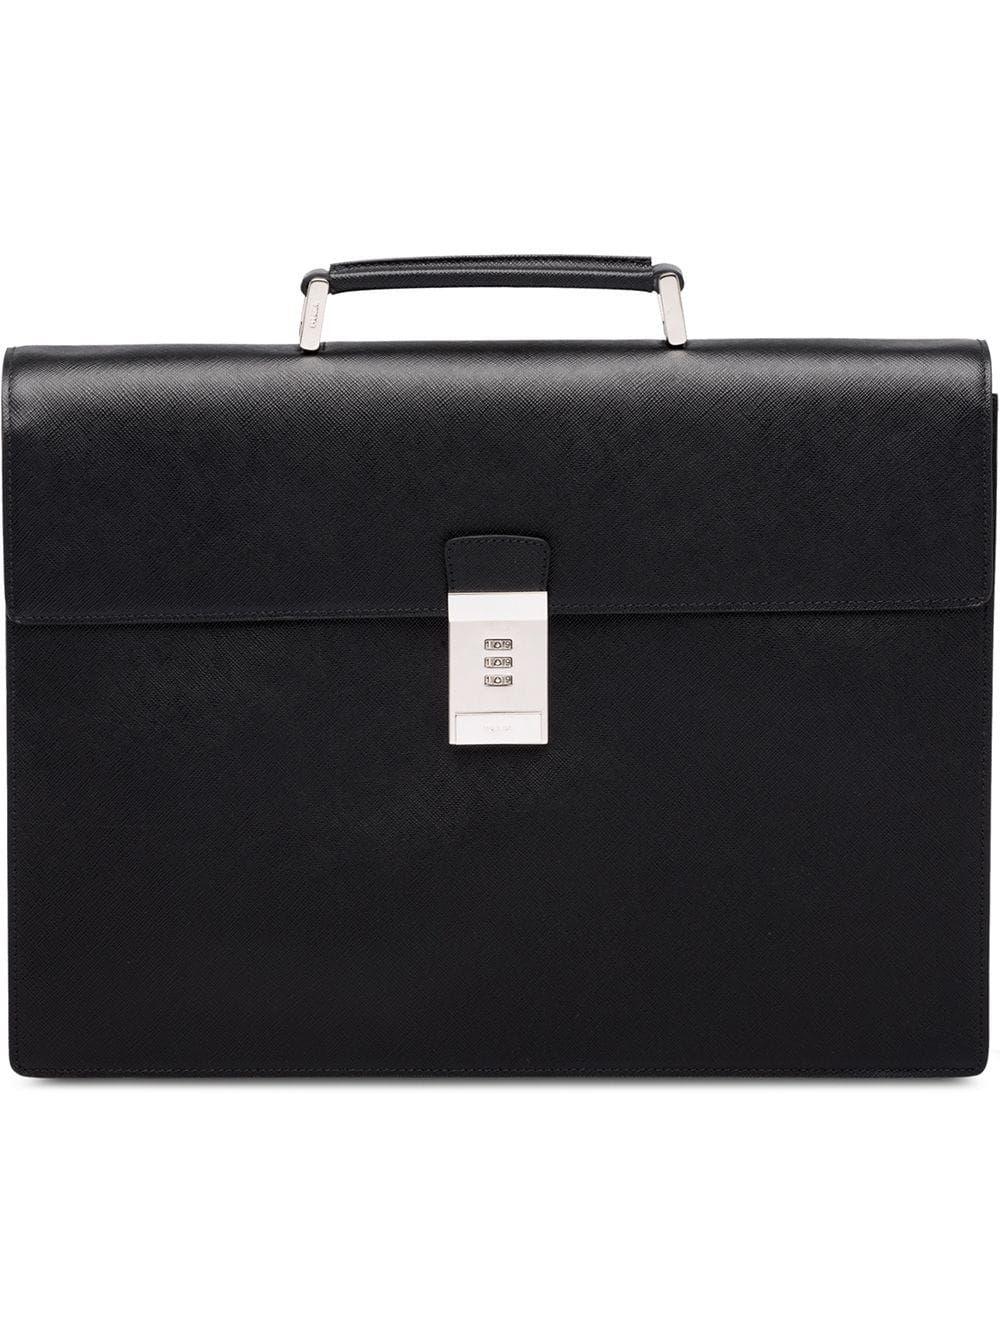 e08279e2e8e3 PRADA PRADA CODE LOCK BRIEFCASE - BLACK. #prada #bags #leather #hand bags